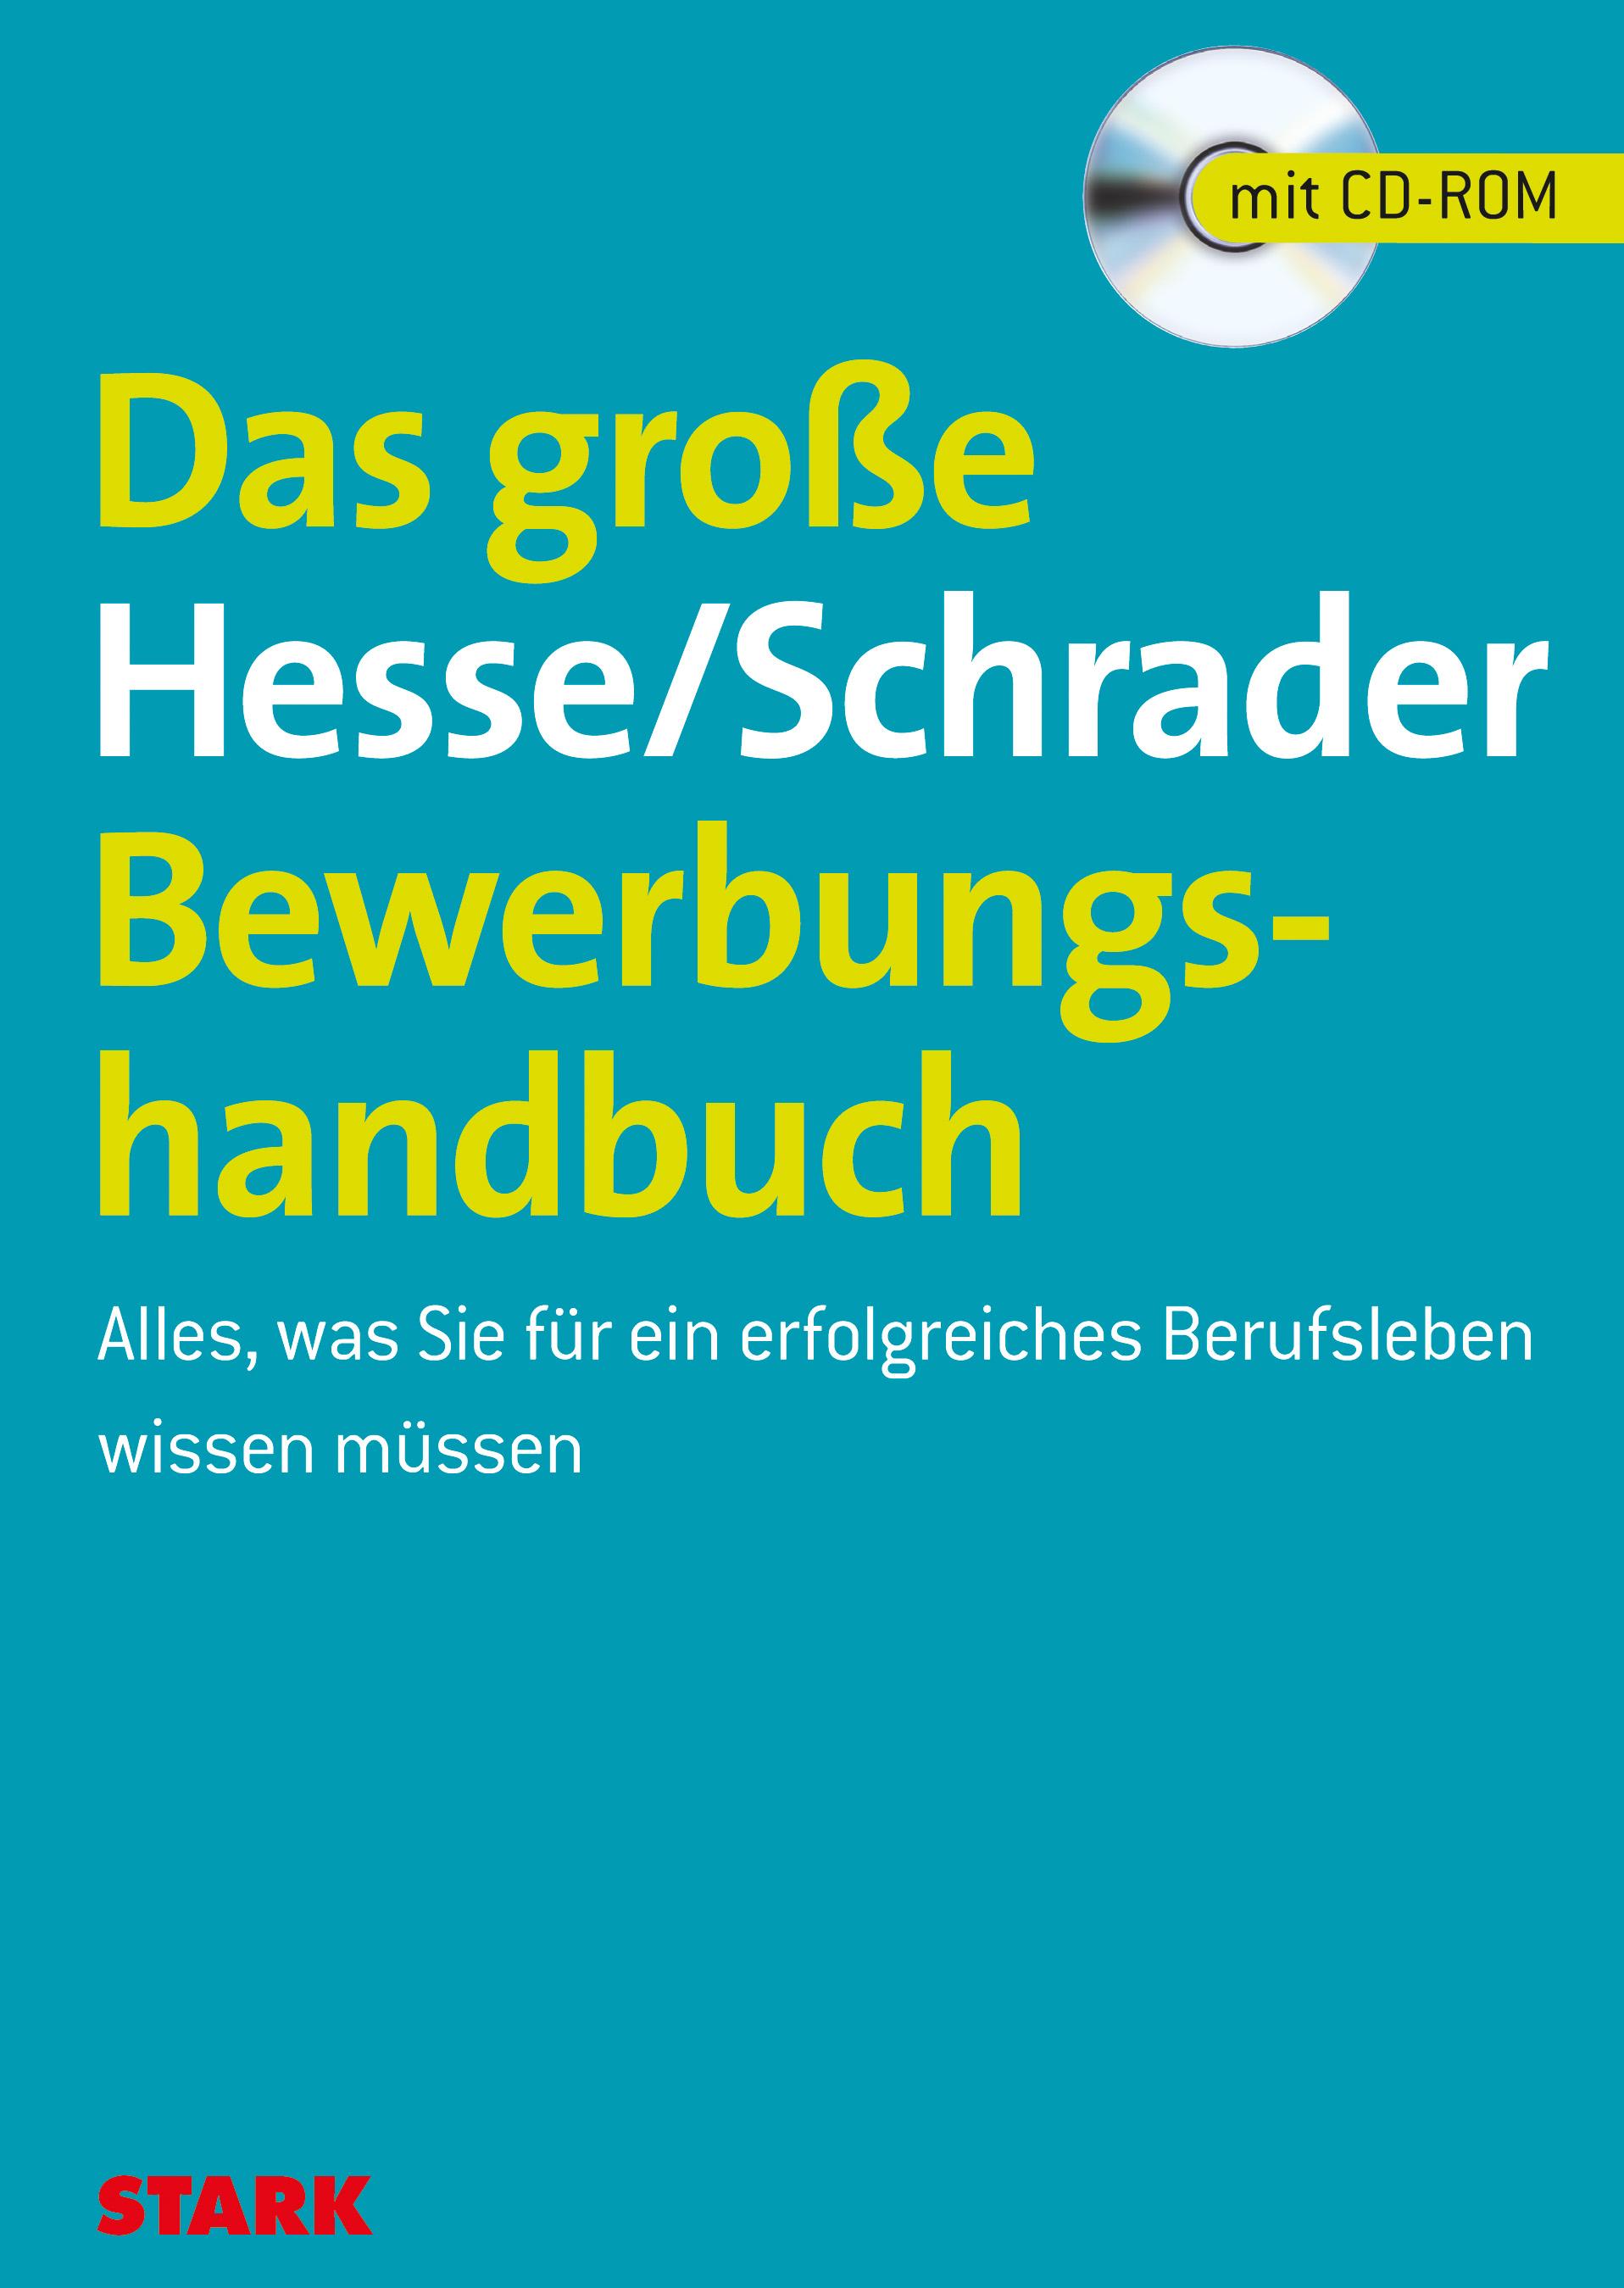 Bewerbung Beruf & Karriere: Das große Hesse/Sch...